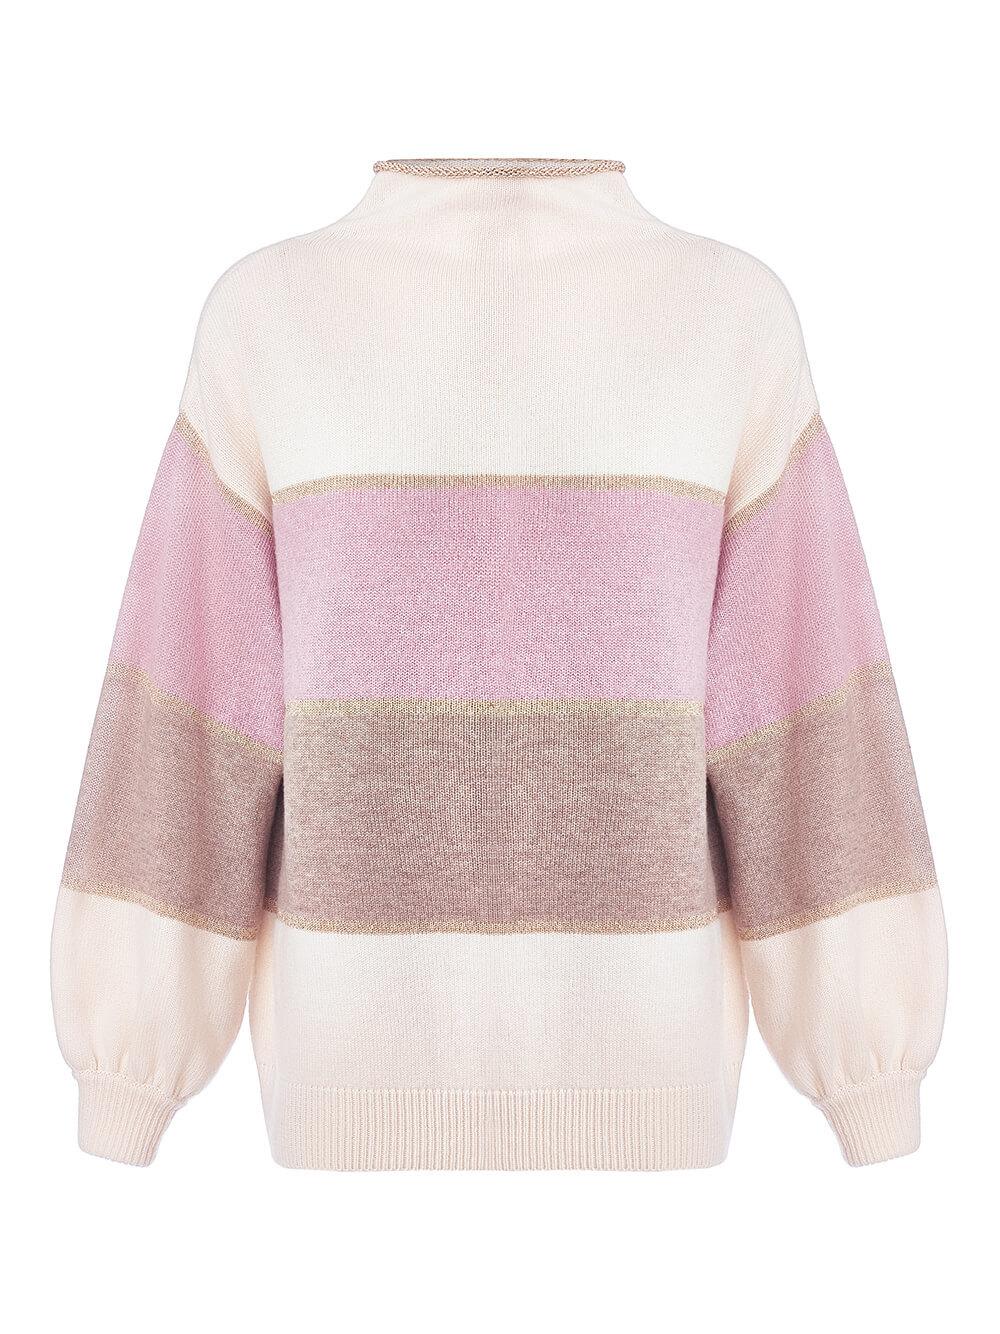 Женский свитер молочного цвета из шерсти и кашемира в полоску - фото 1